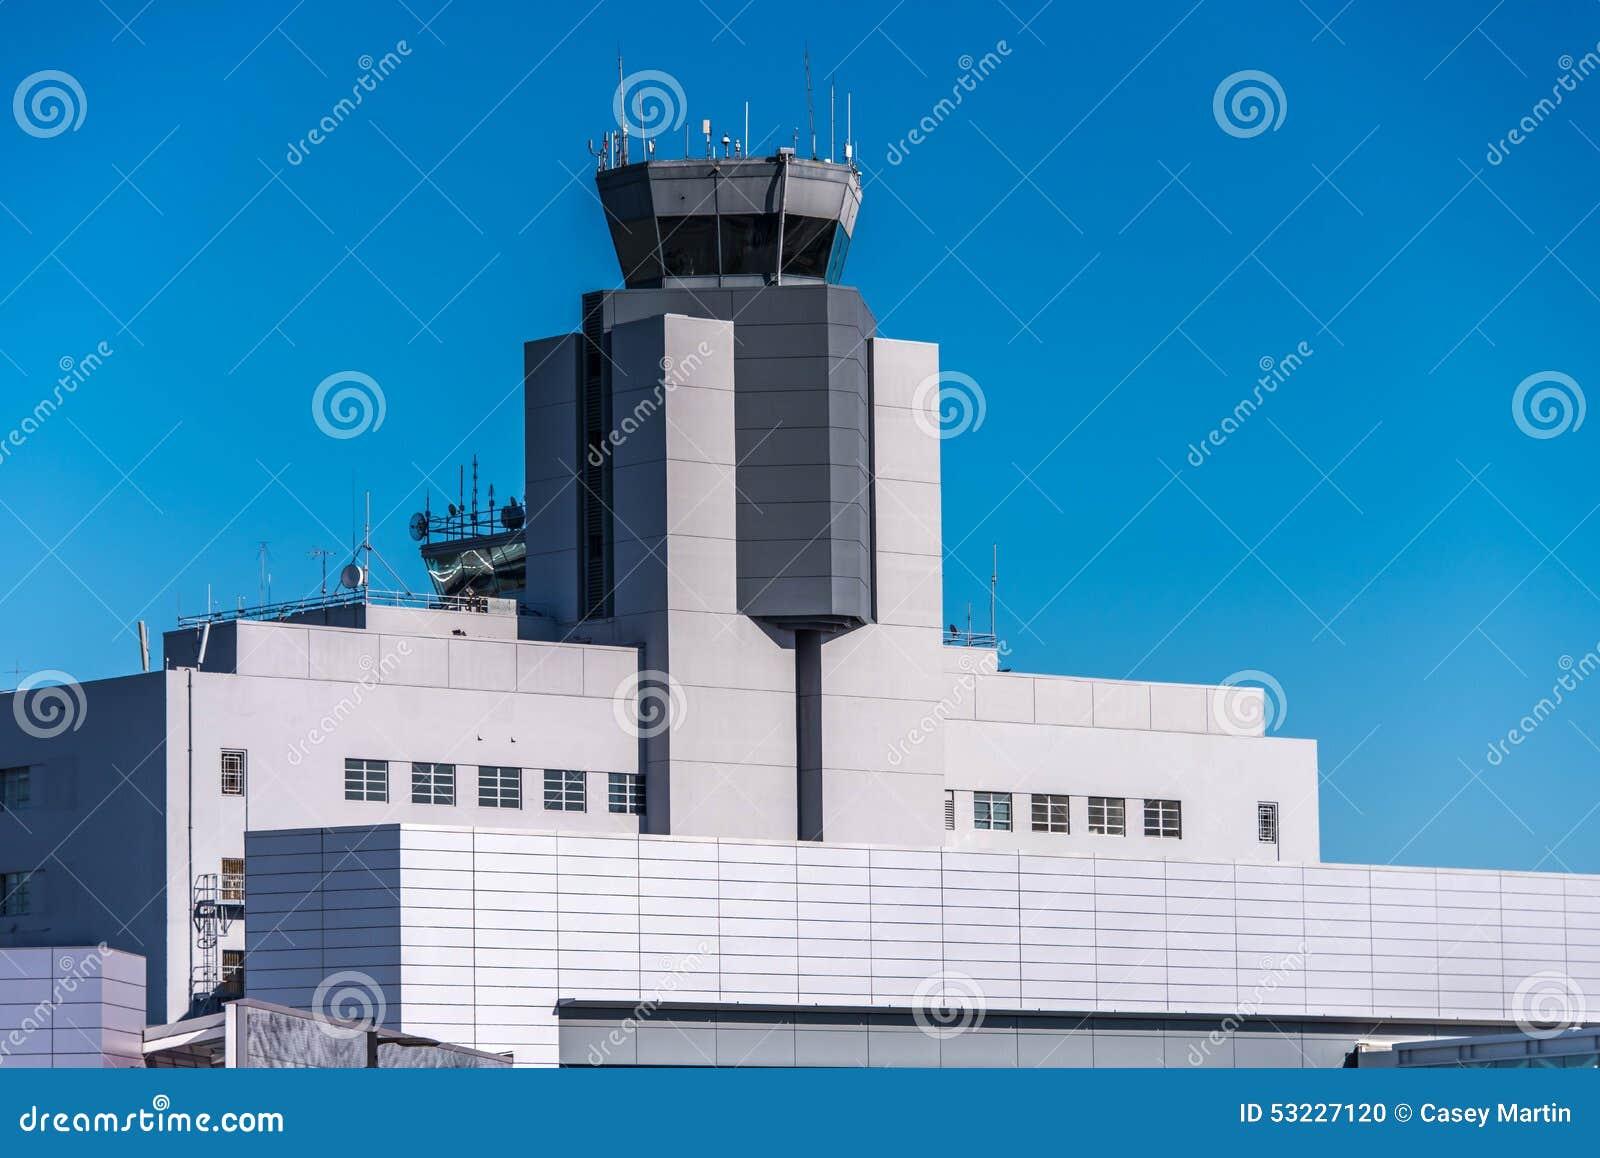 SFO, torre de control del aeropuerto de San Francisco International